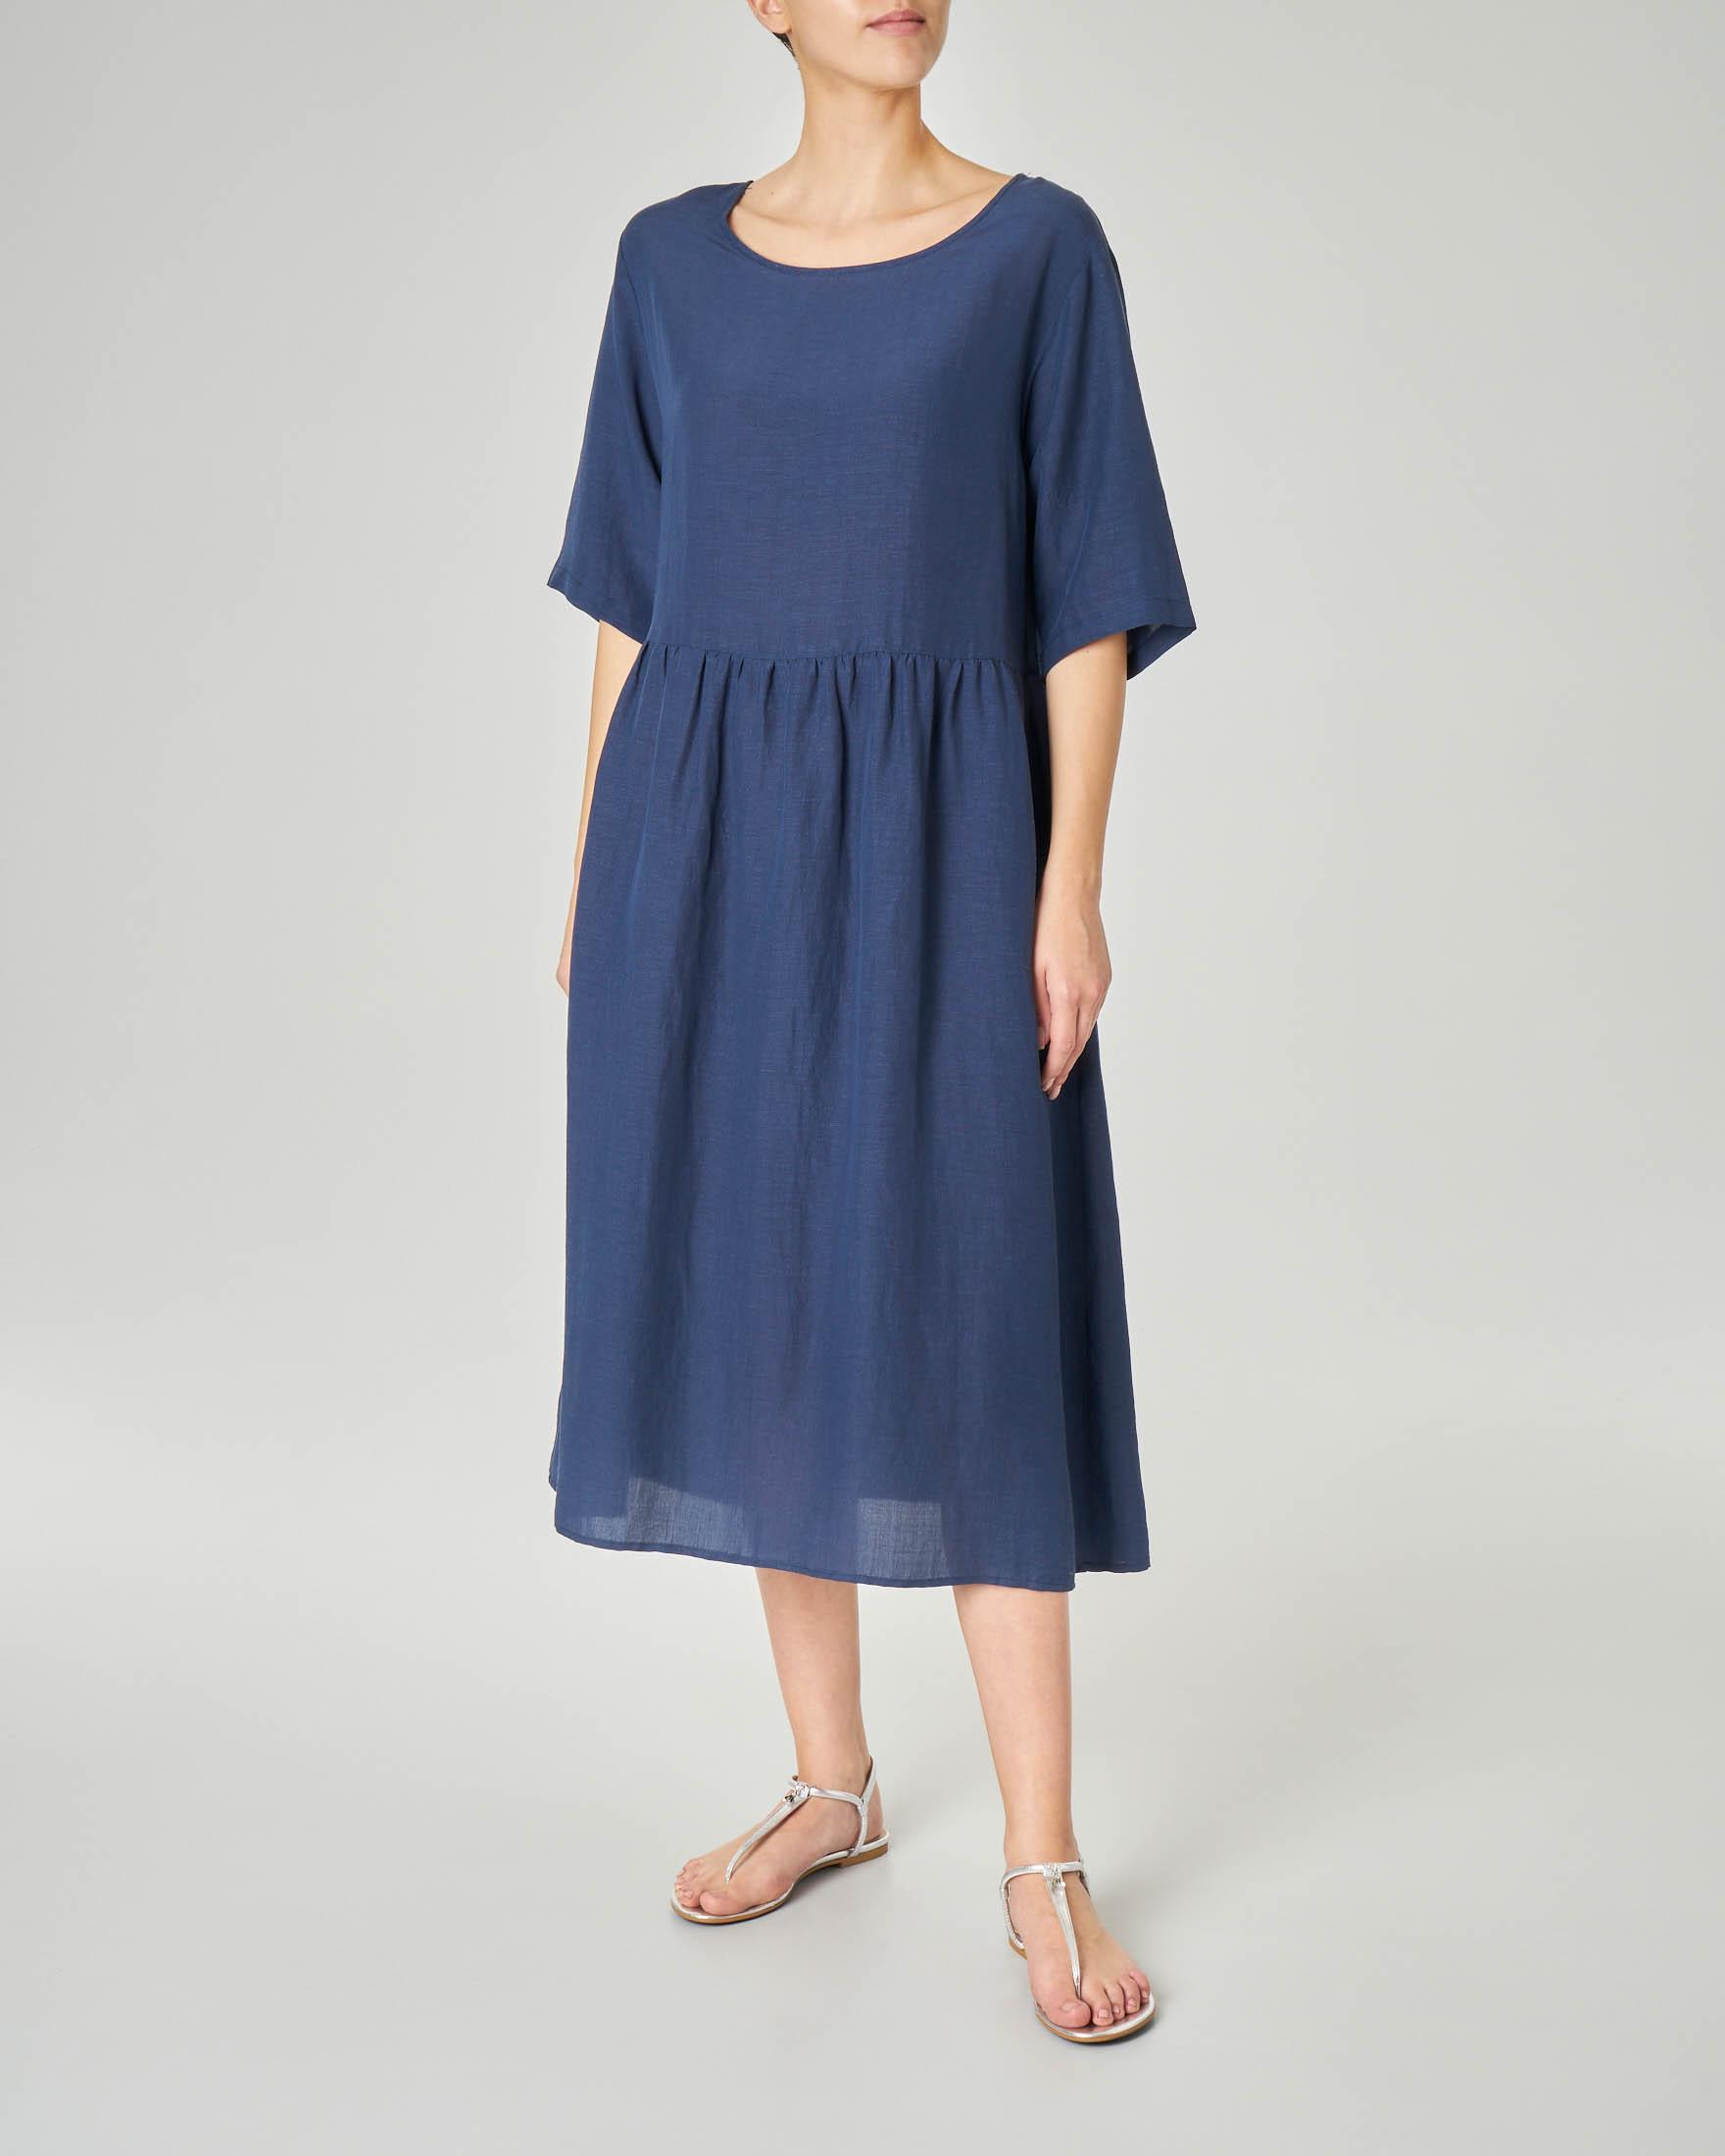 Abito midi blu in viscosa misto lino oversized con maniche tre quarti e arricciatura in vita